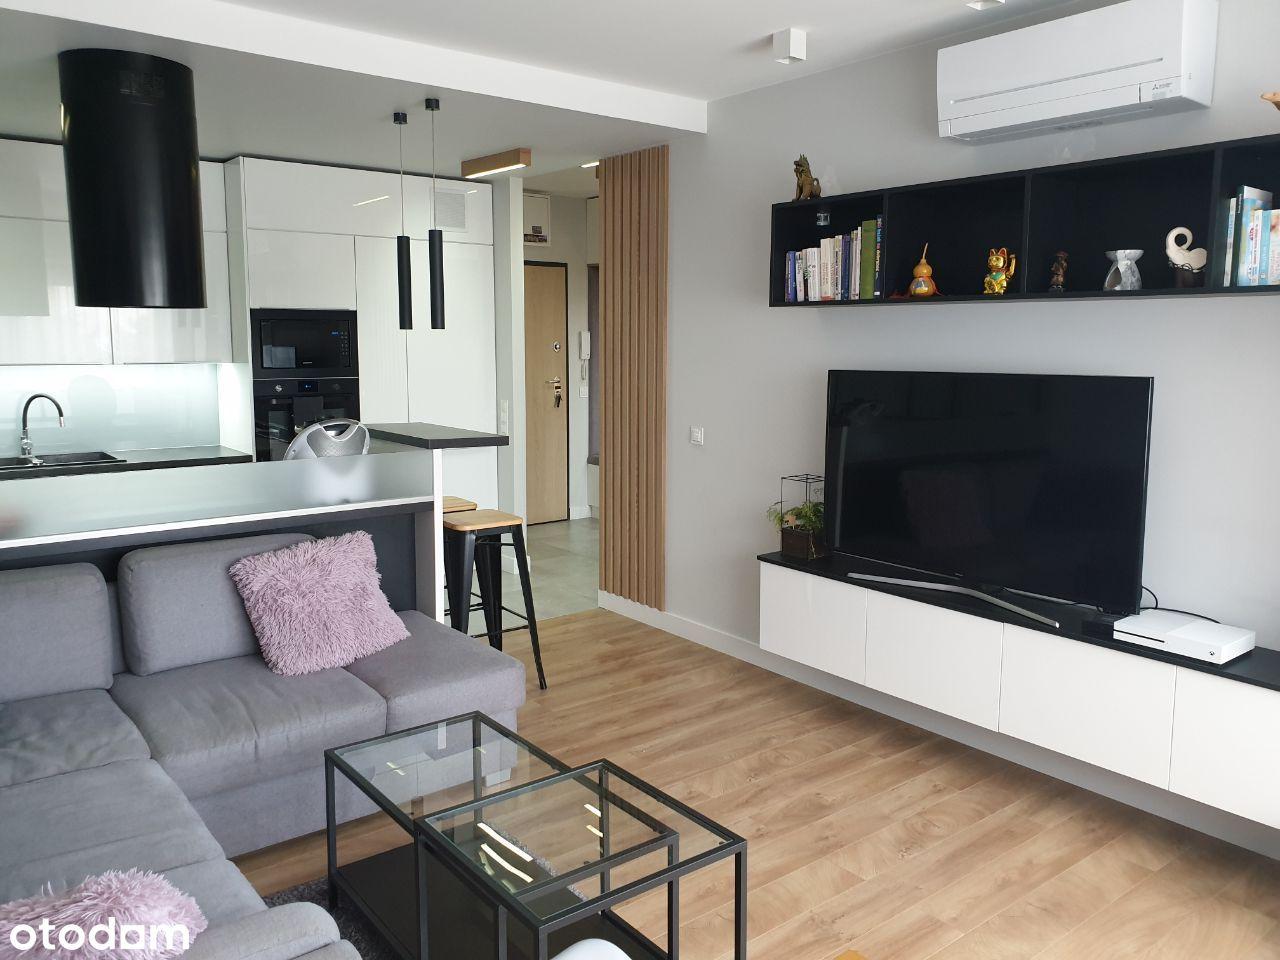 3 pokoje, umeblowane, 63m2, Grunwald, garaż, klima